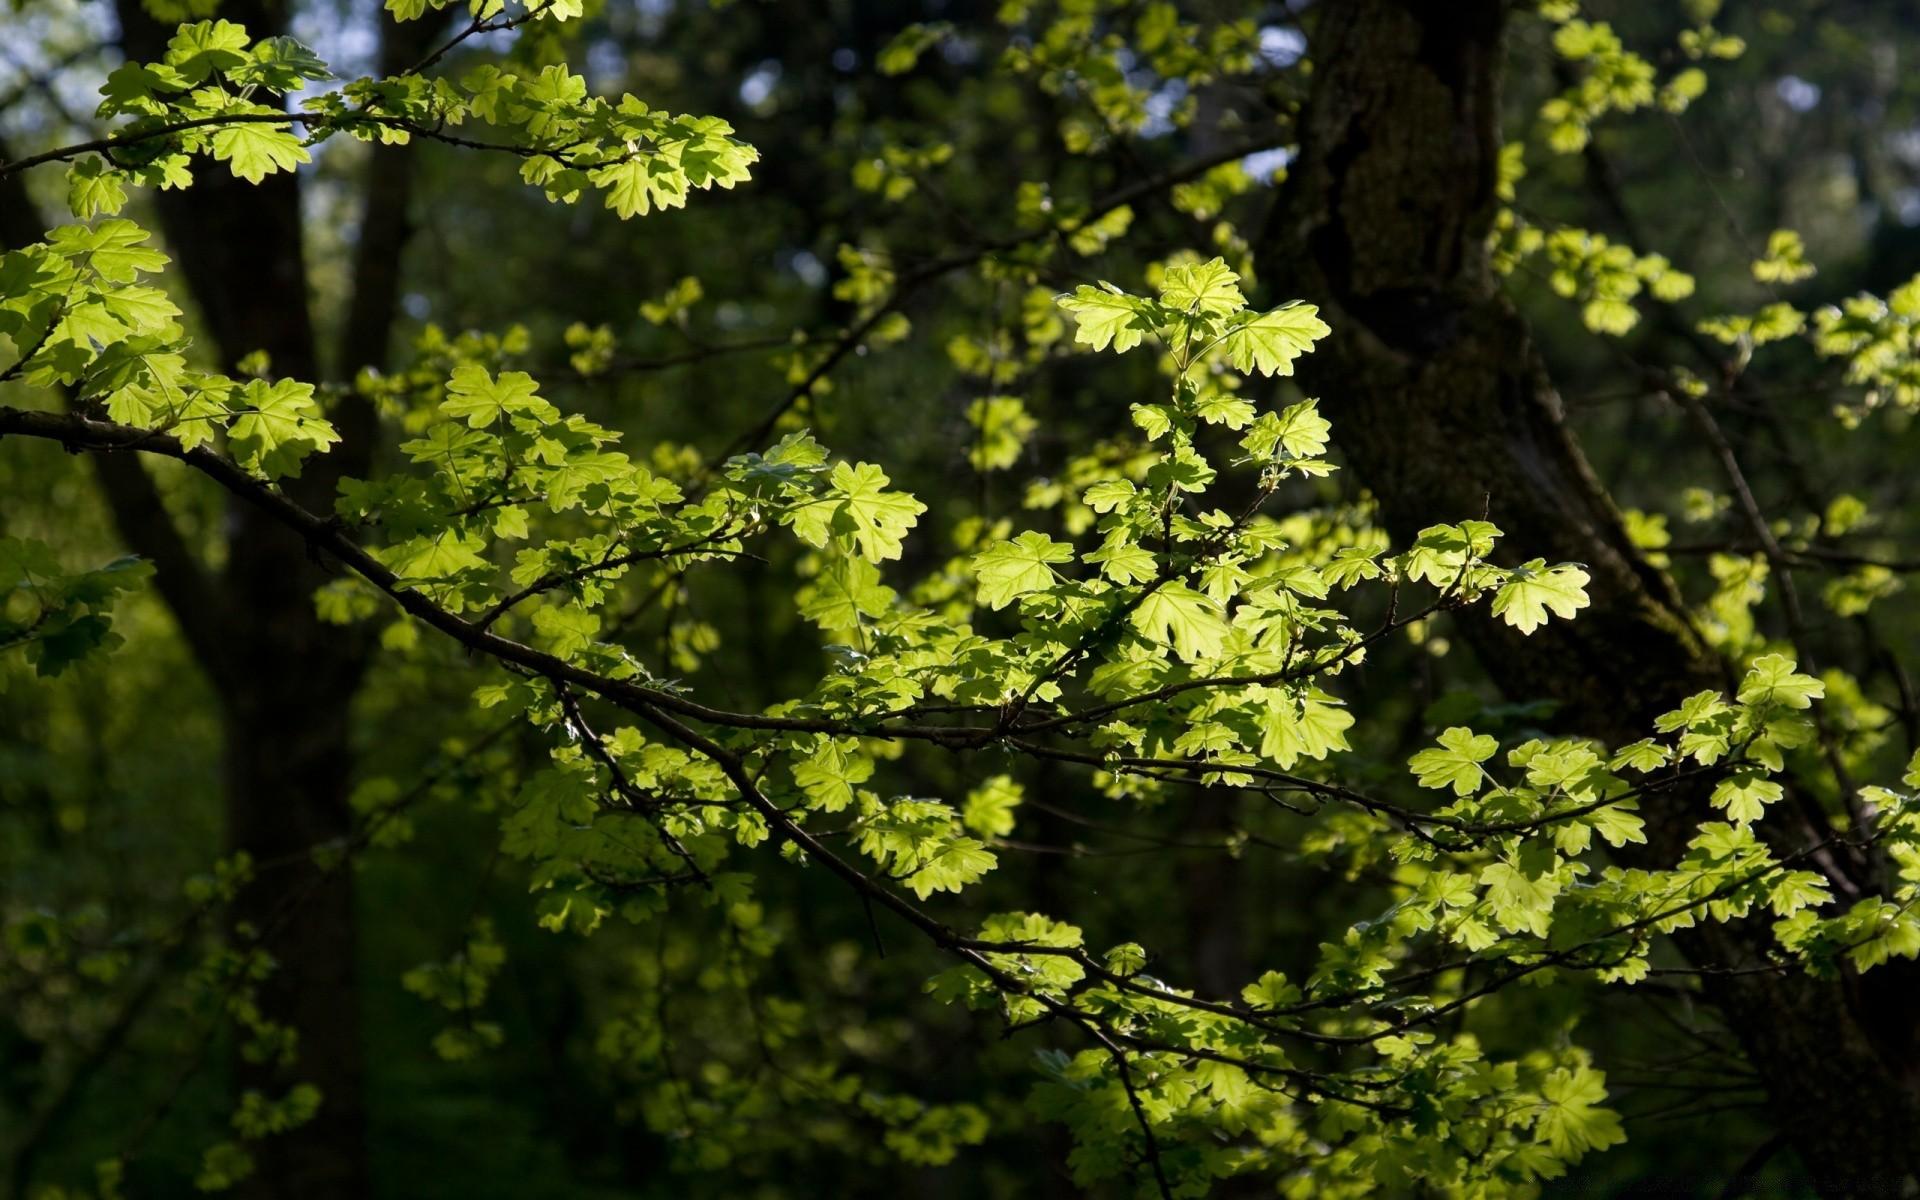 Картинка ветки в лесу